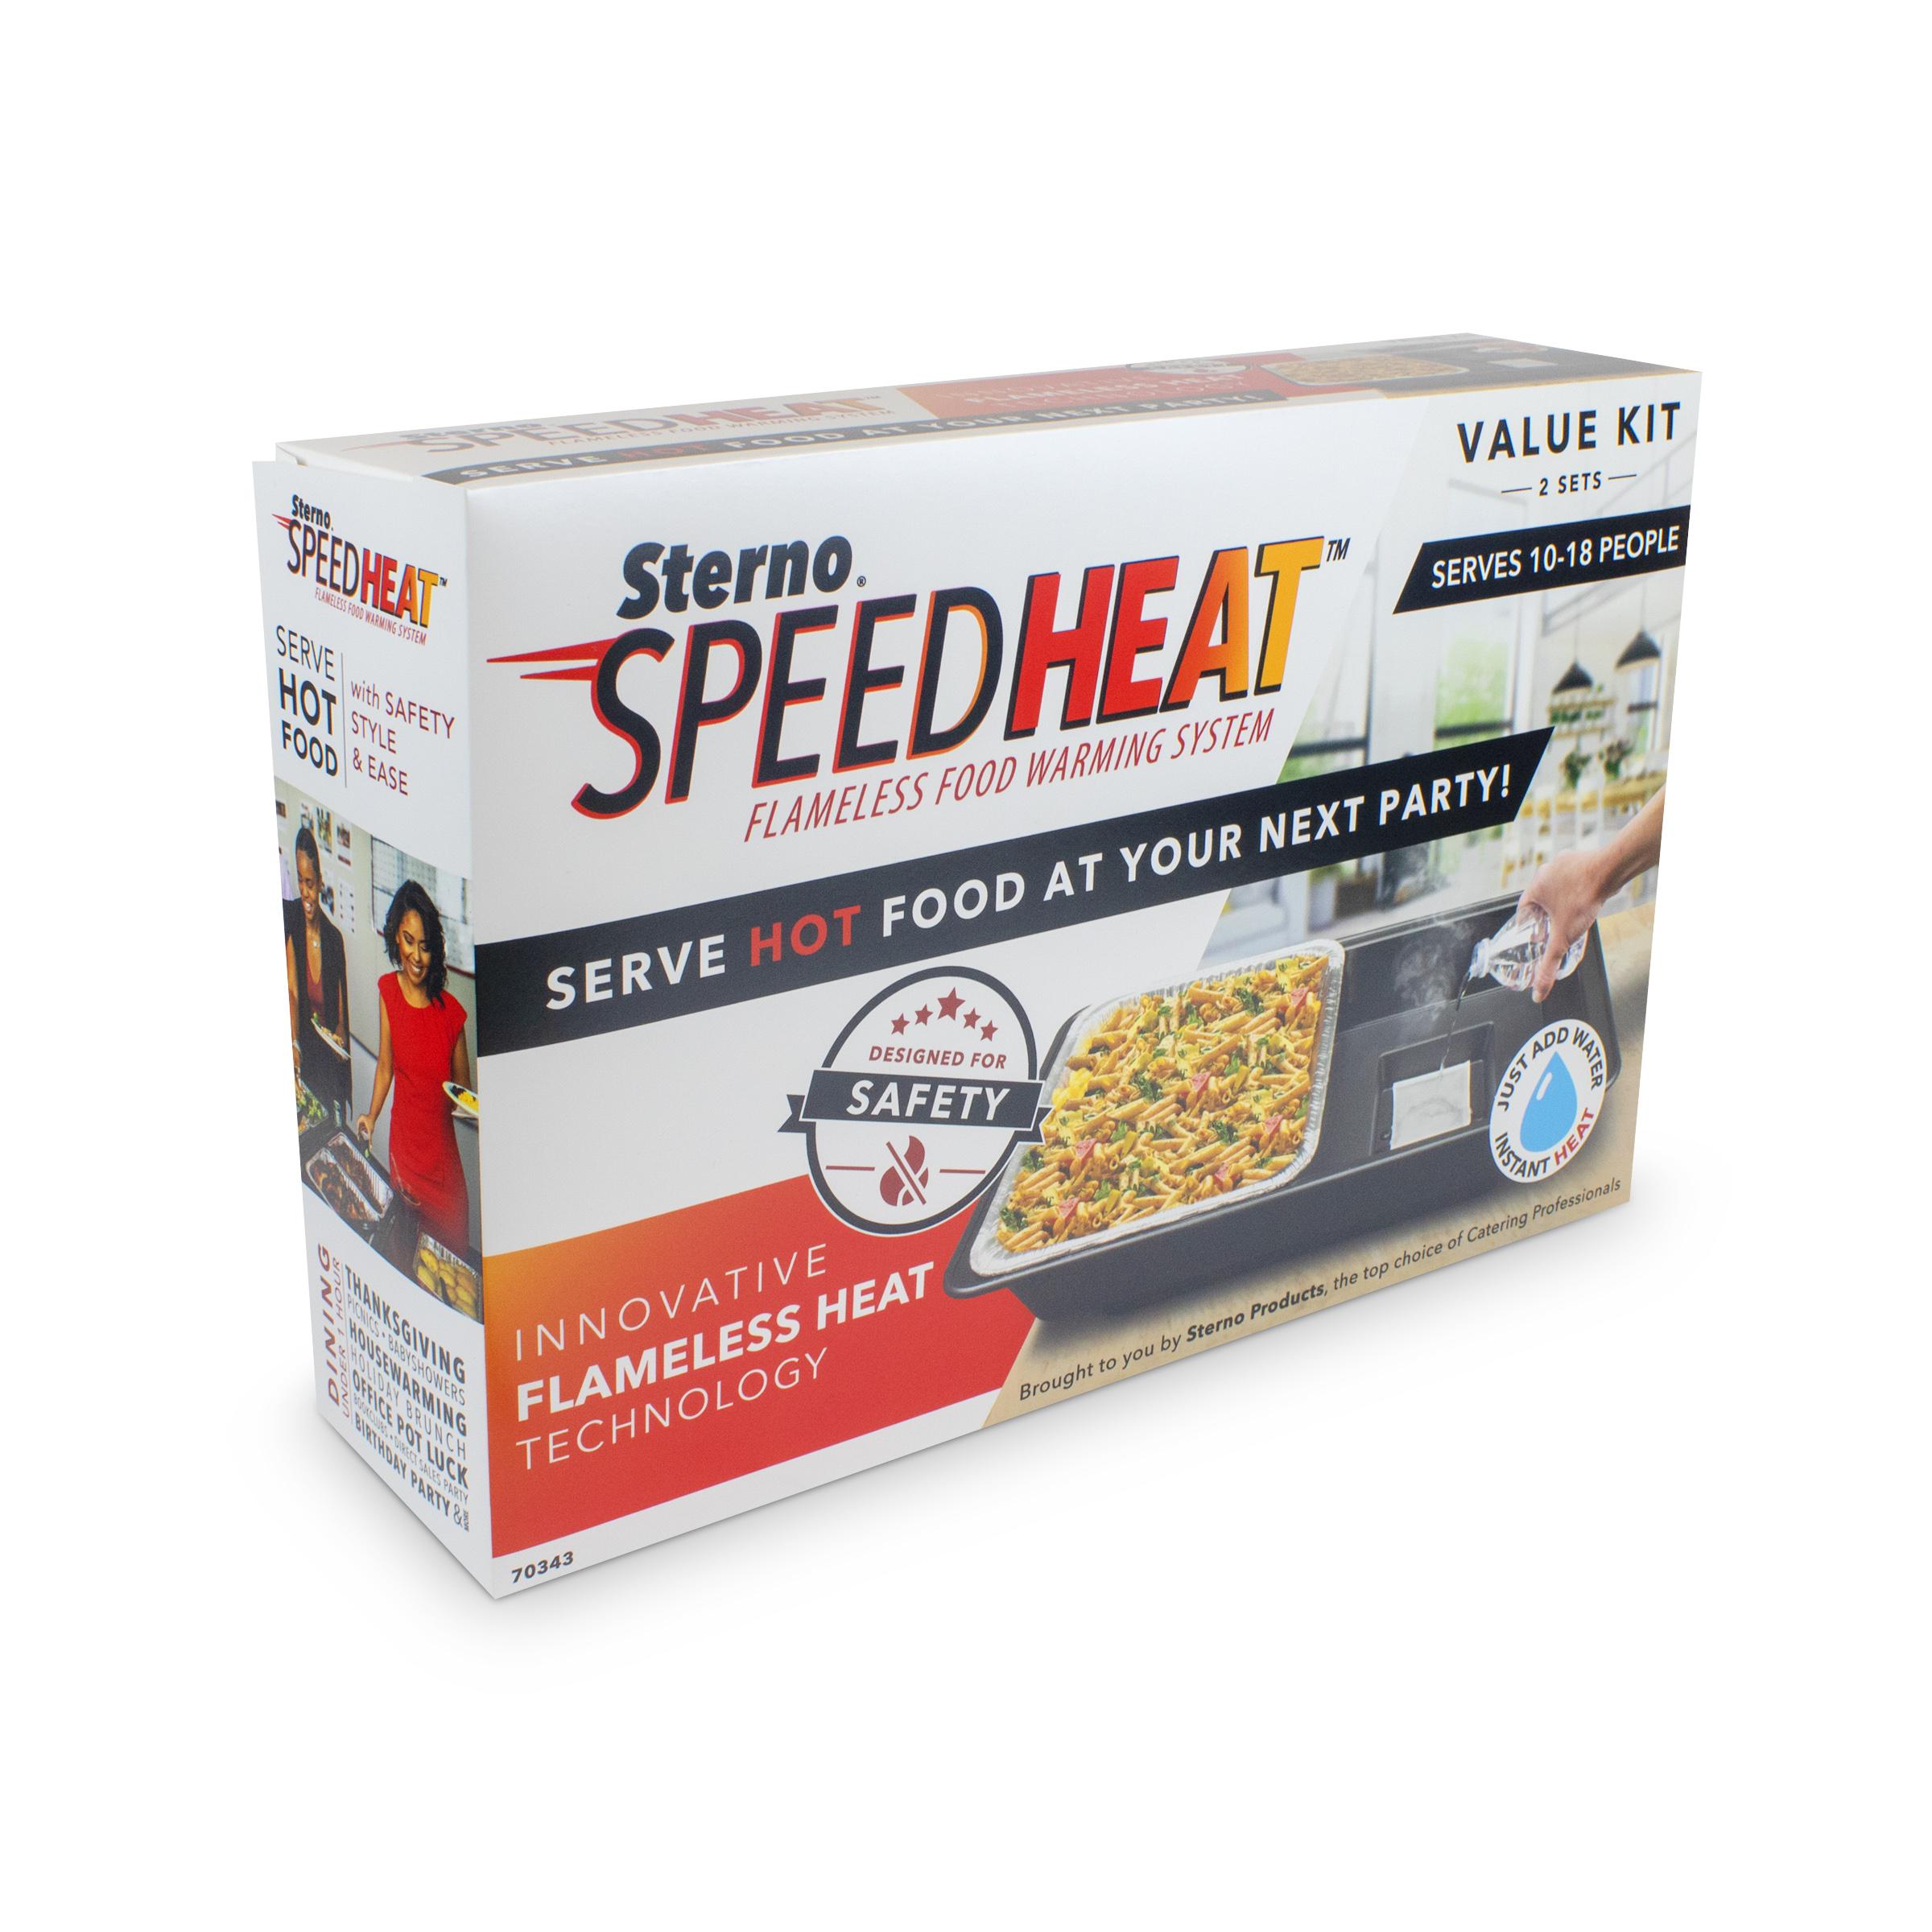 Sterno 70344 speed heat